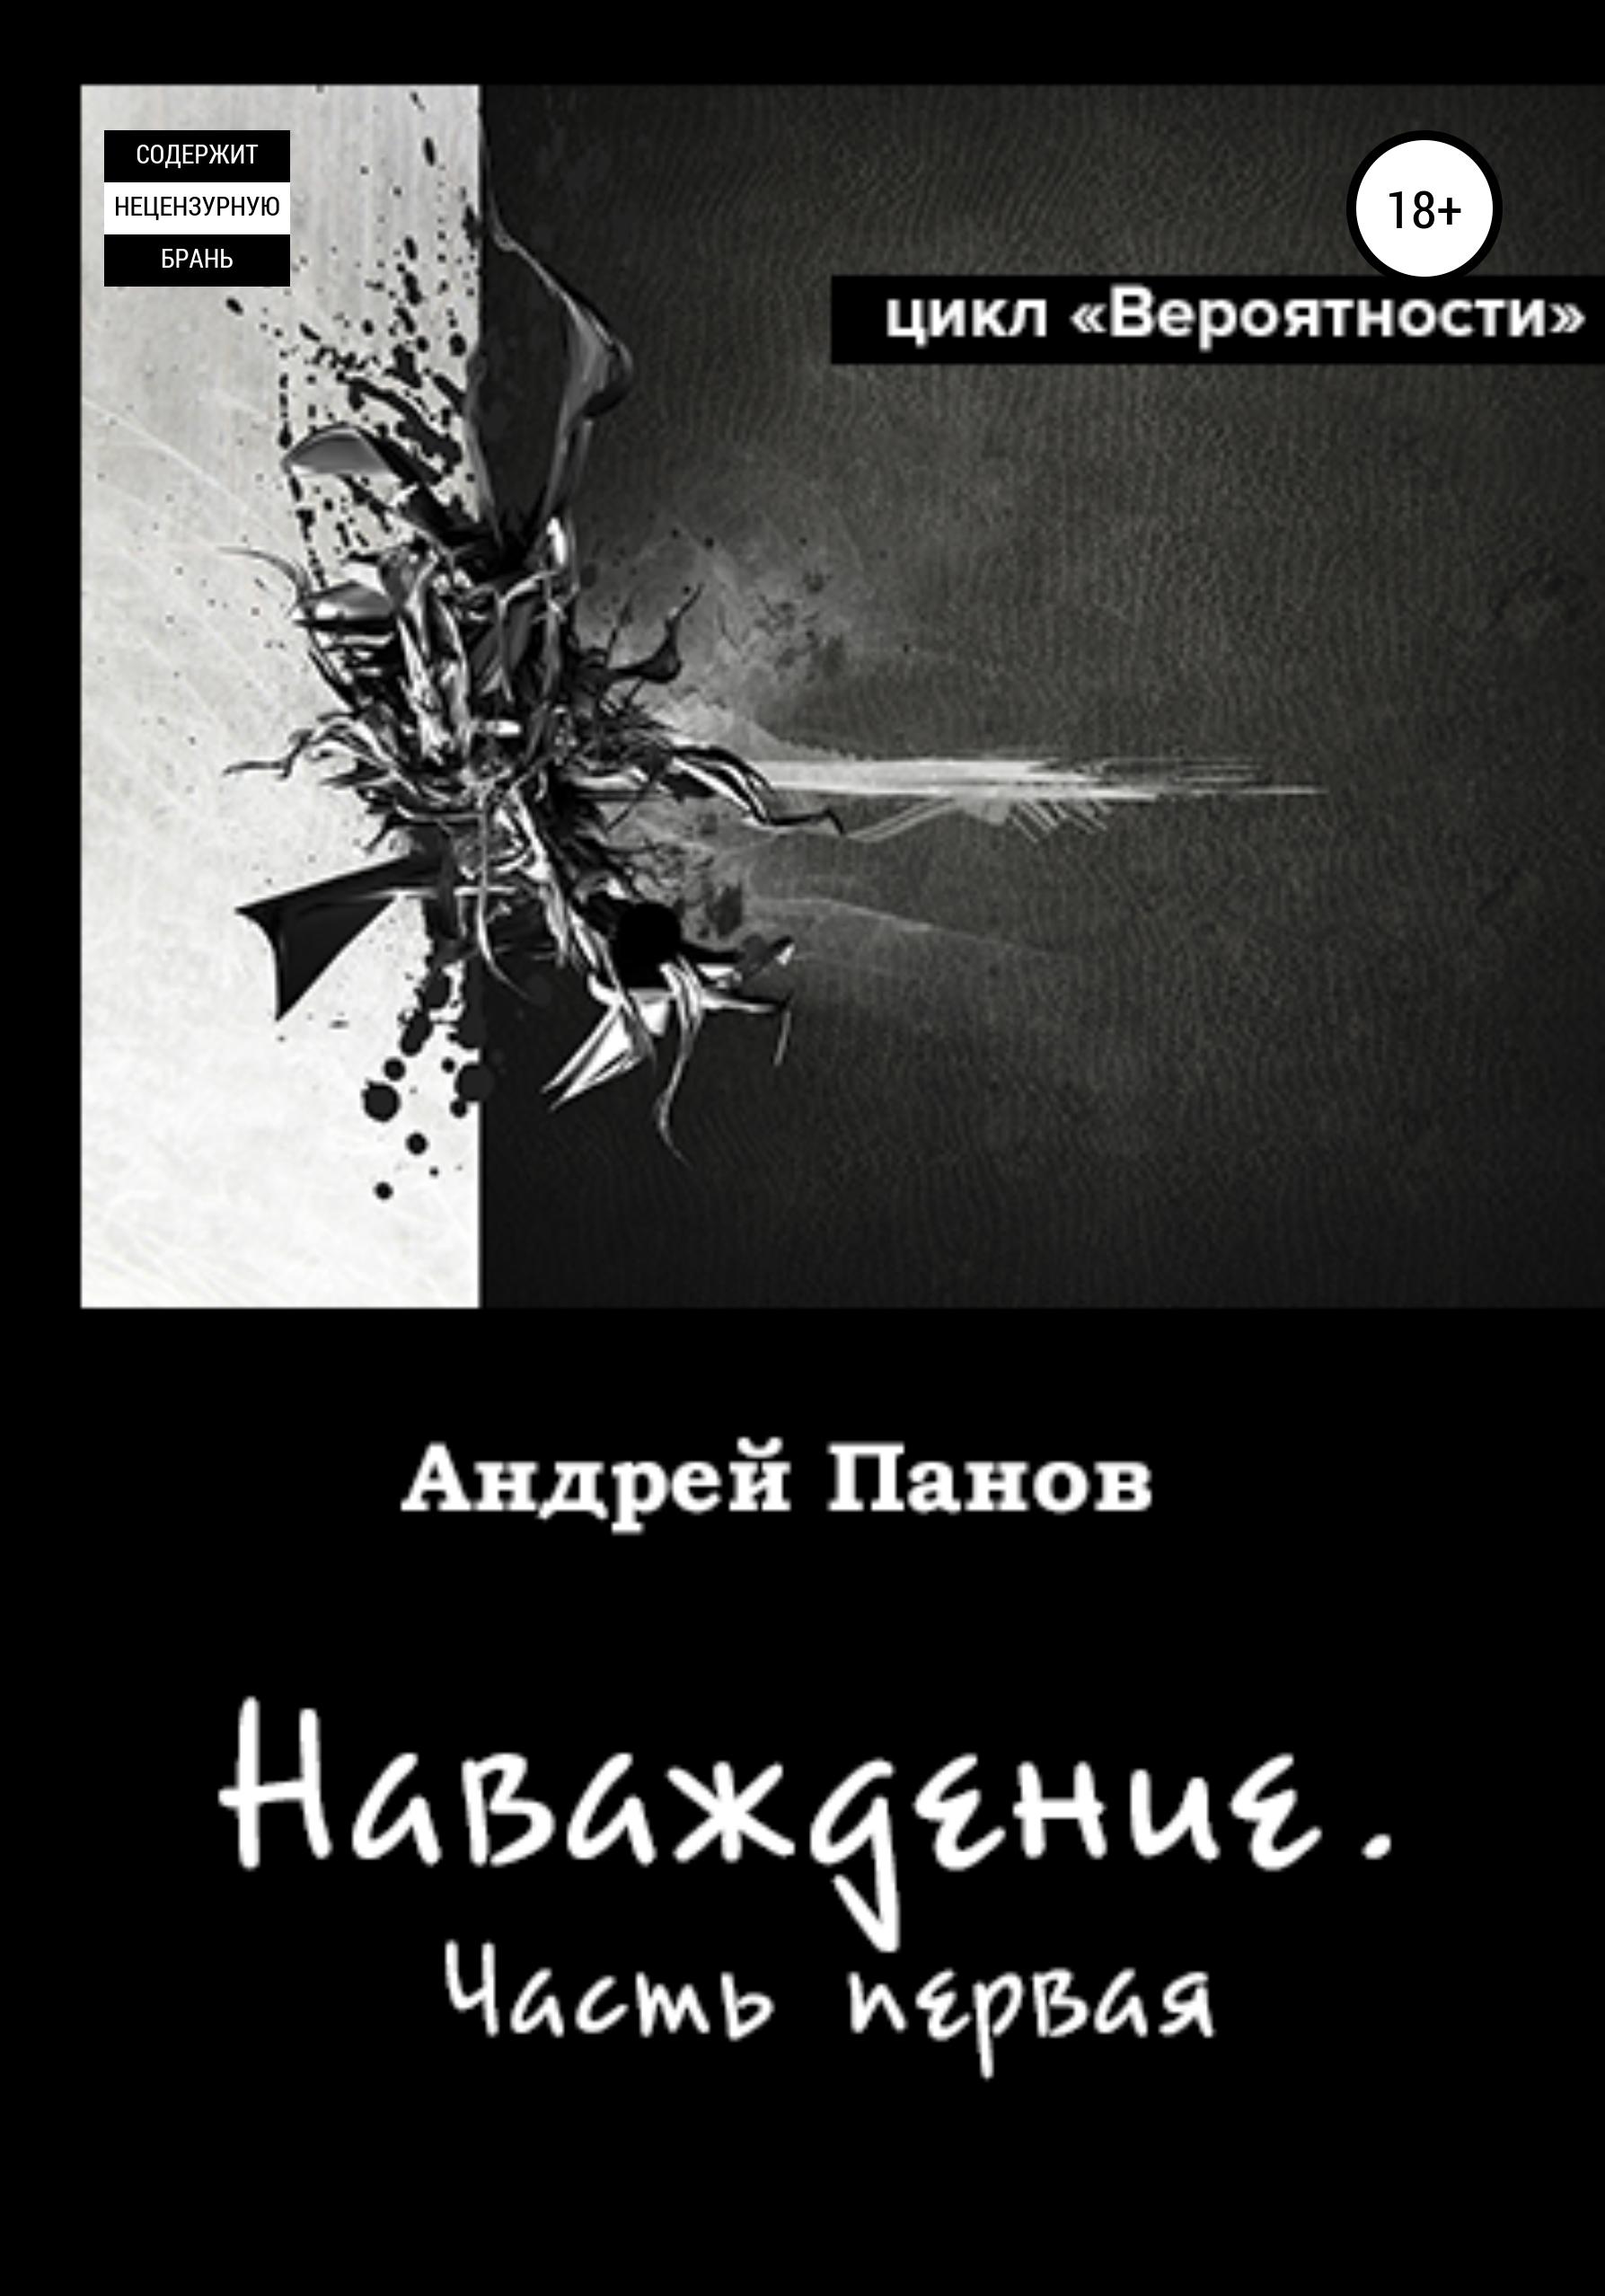 Андрей Панов «Вероятности. Наваждение»